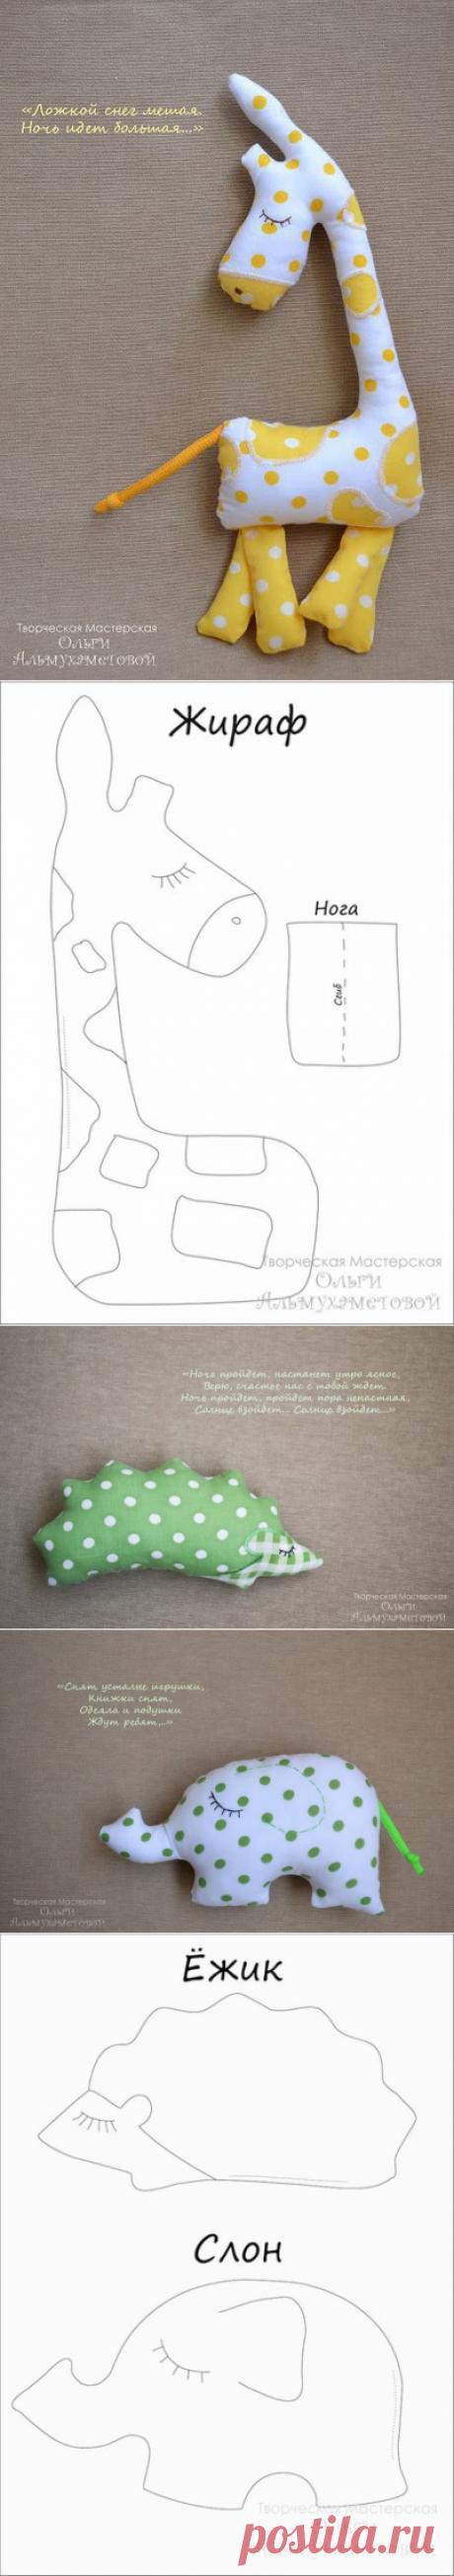 Игрушки для сна. Выкройки / Вязание как искусство!